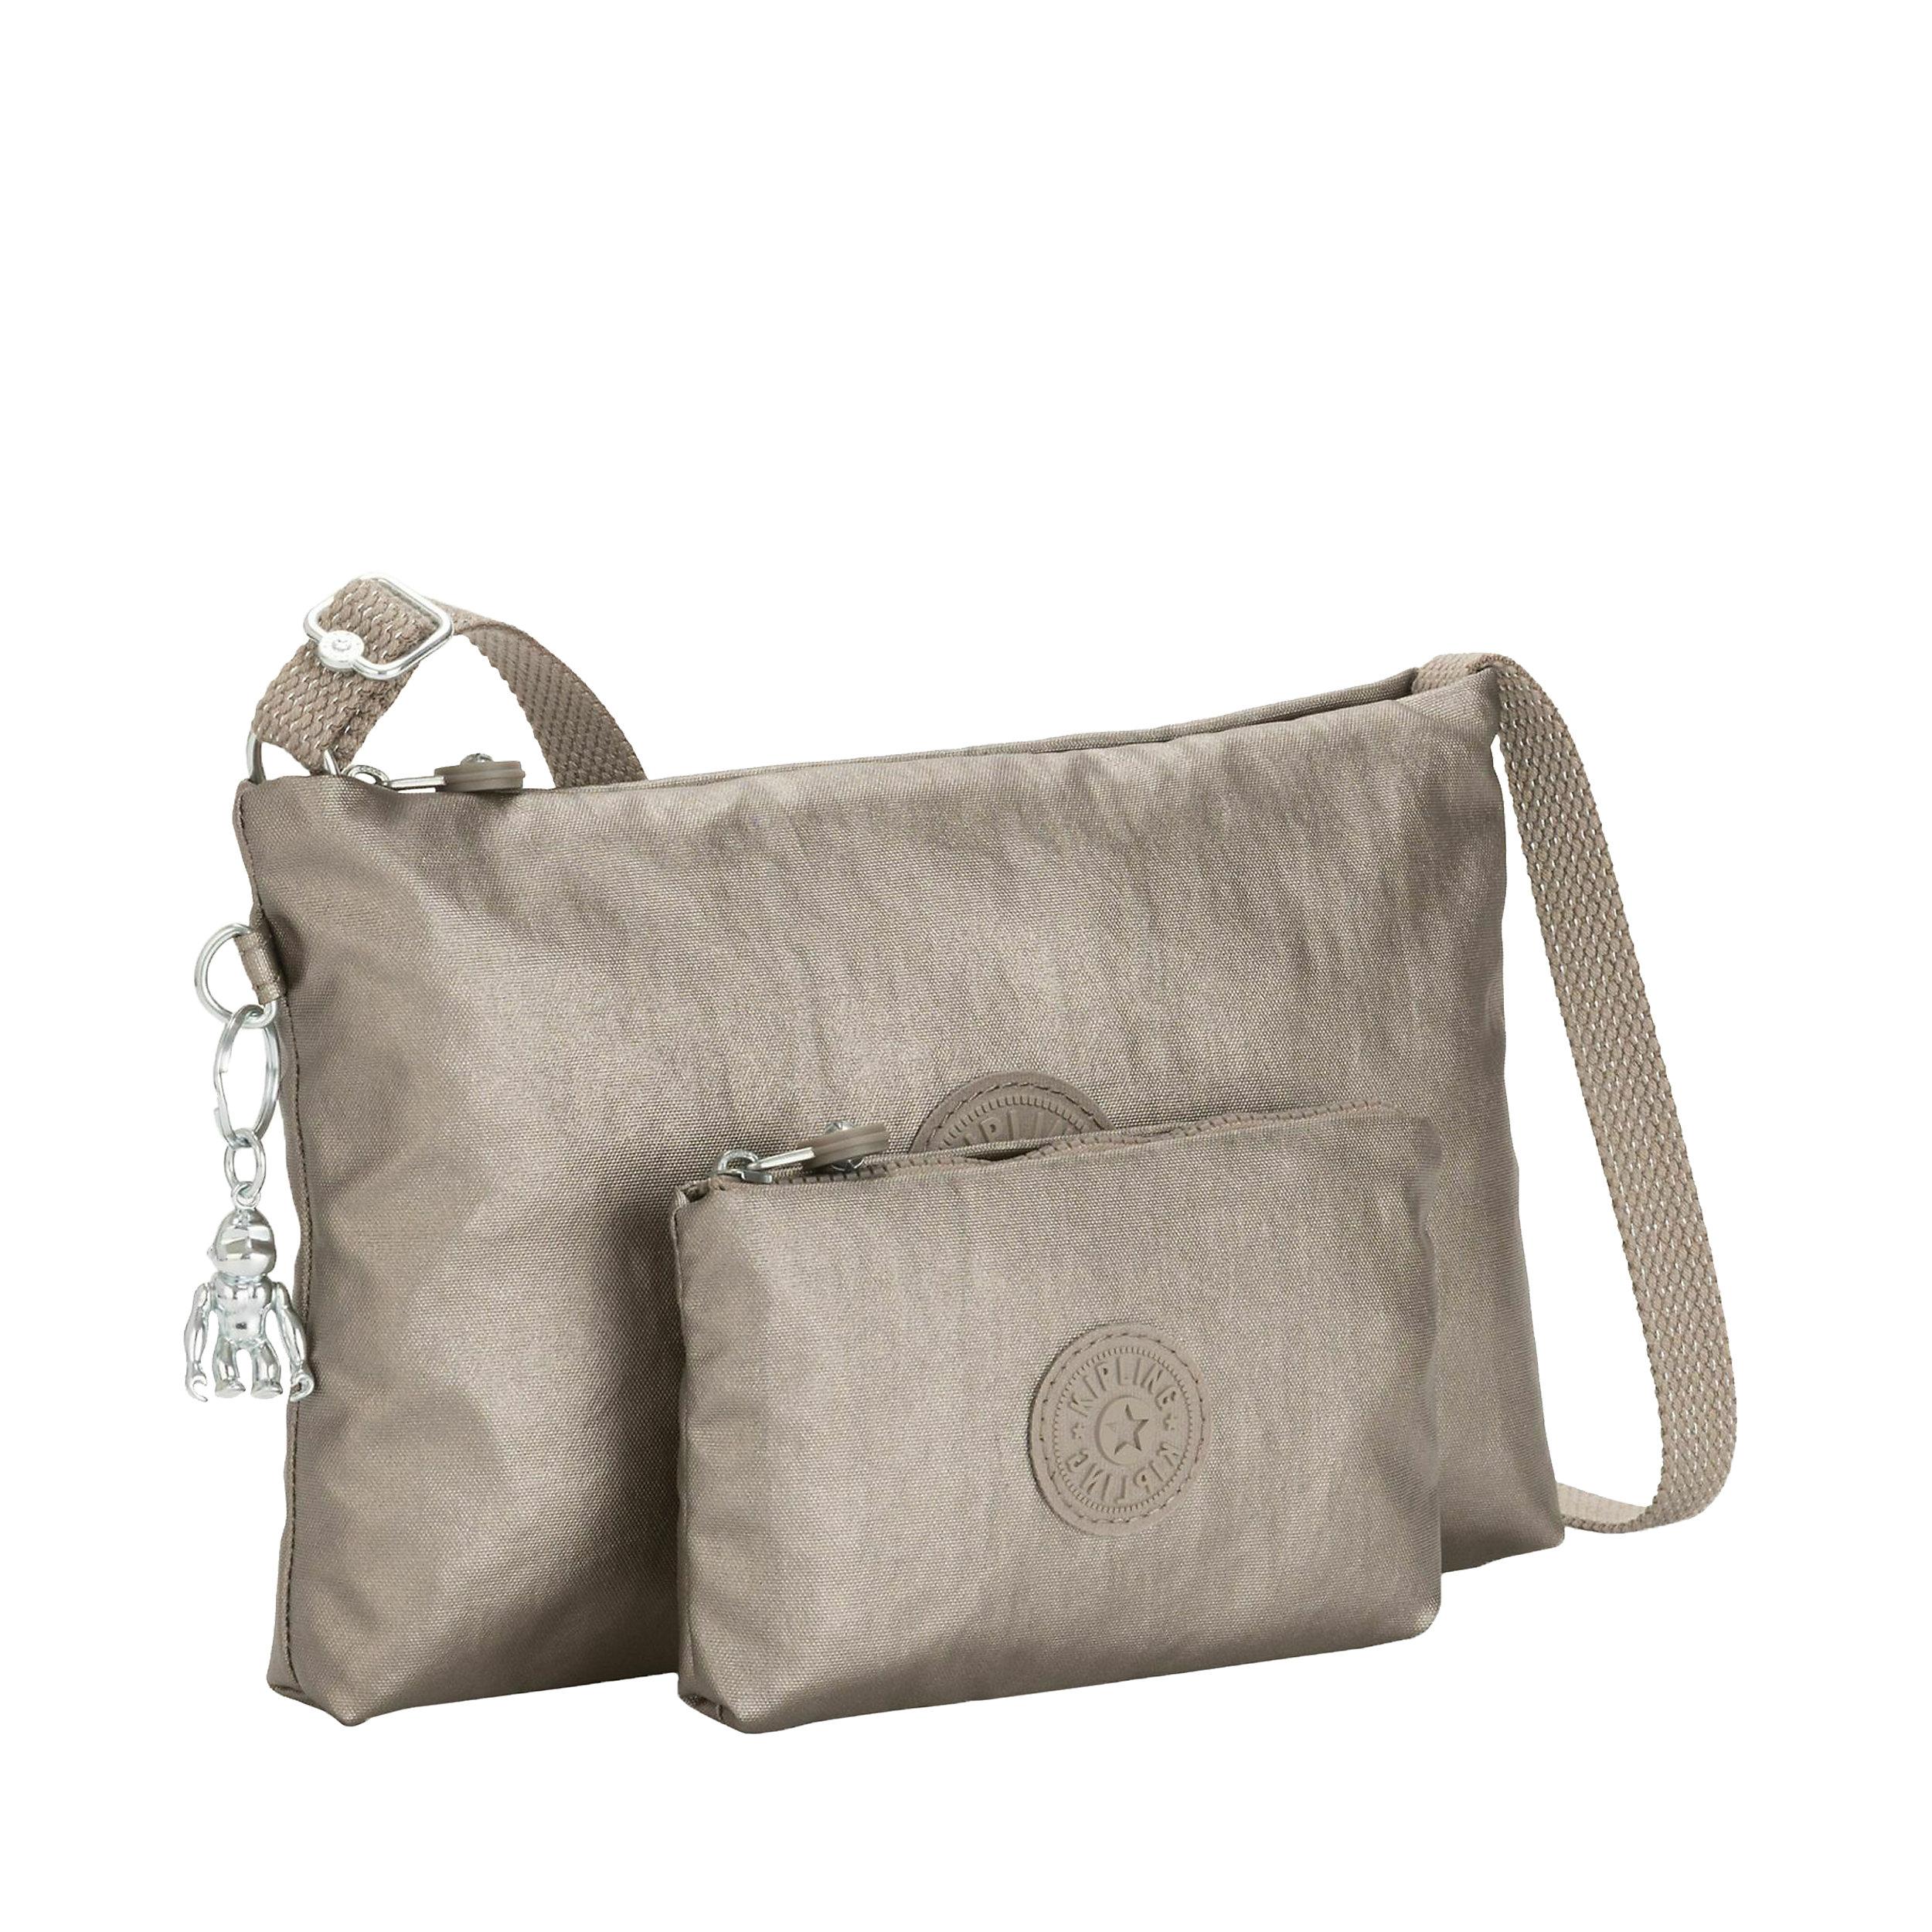 Crossbody Bag Atlez Duo Gifting S 3 Liter